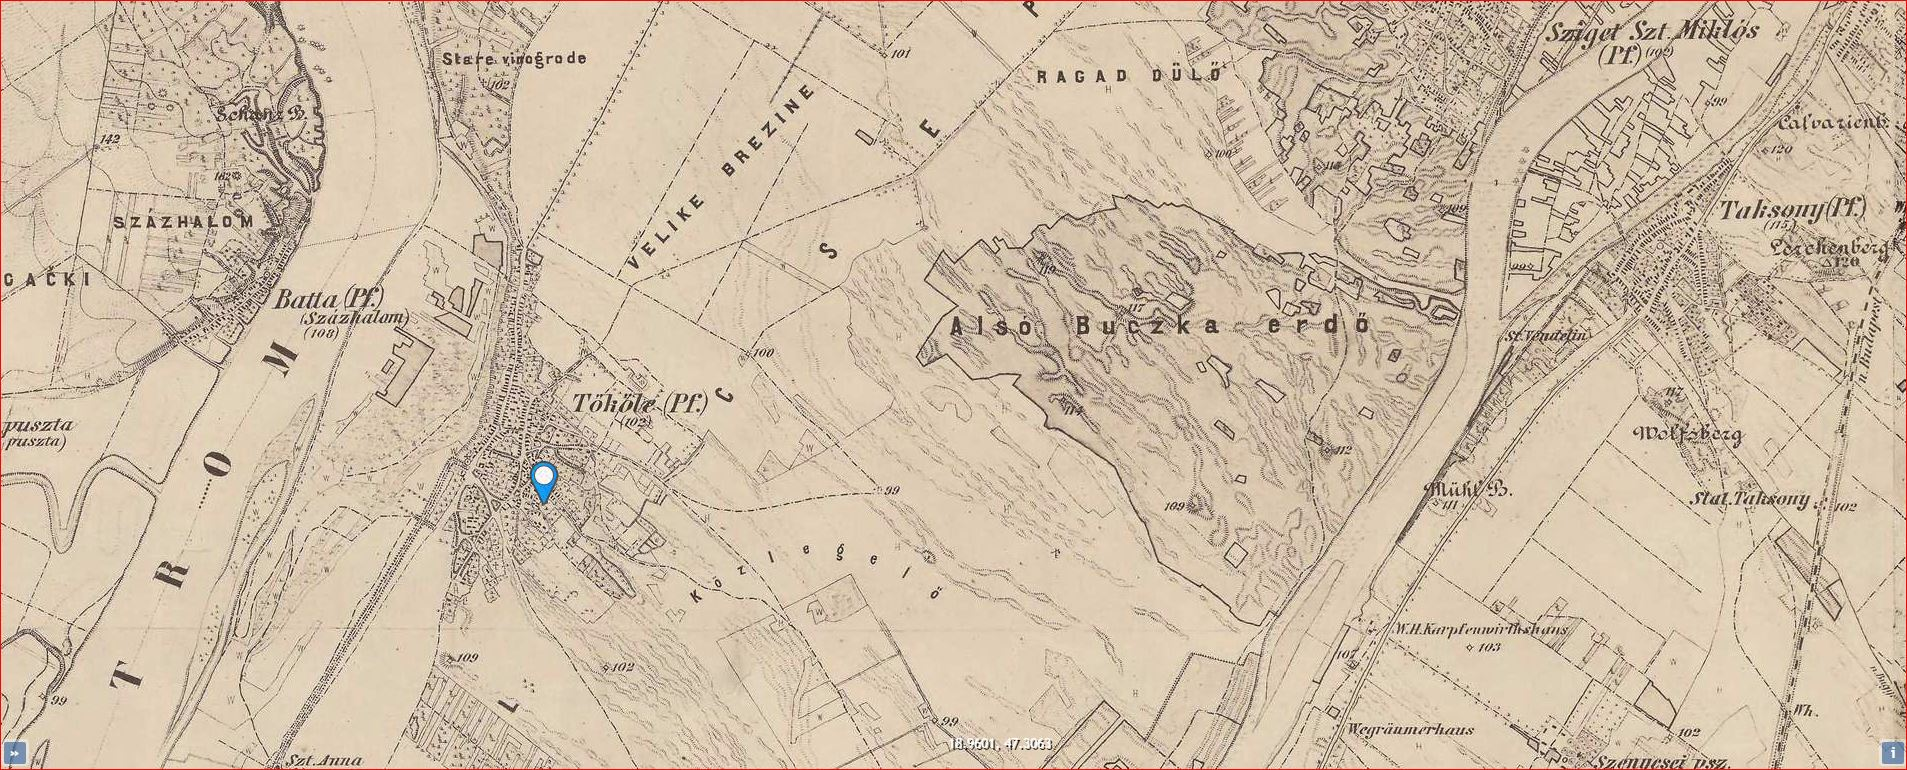 Tököl(e)_Magyar Királyság térképe-1869-1887